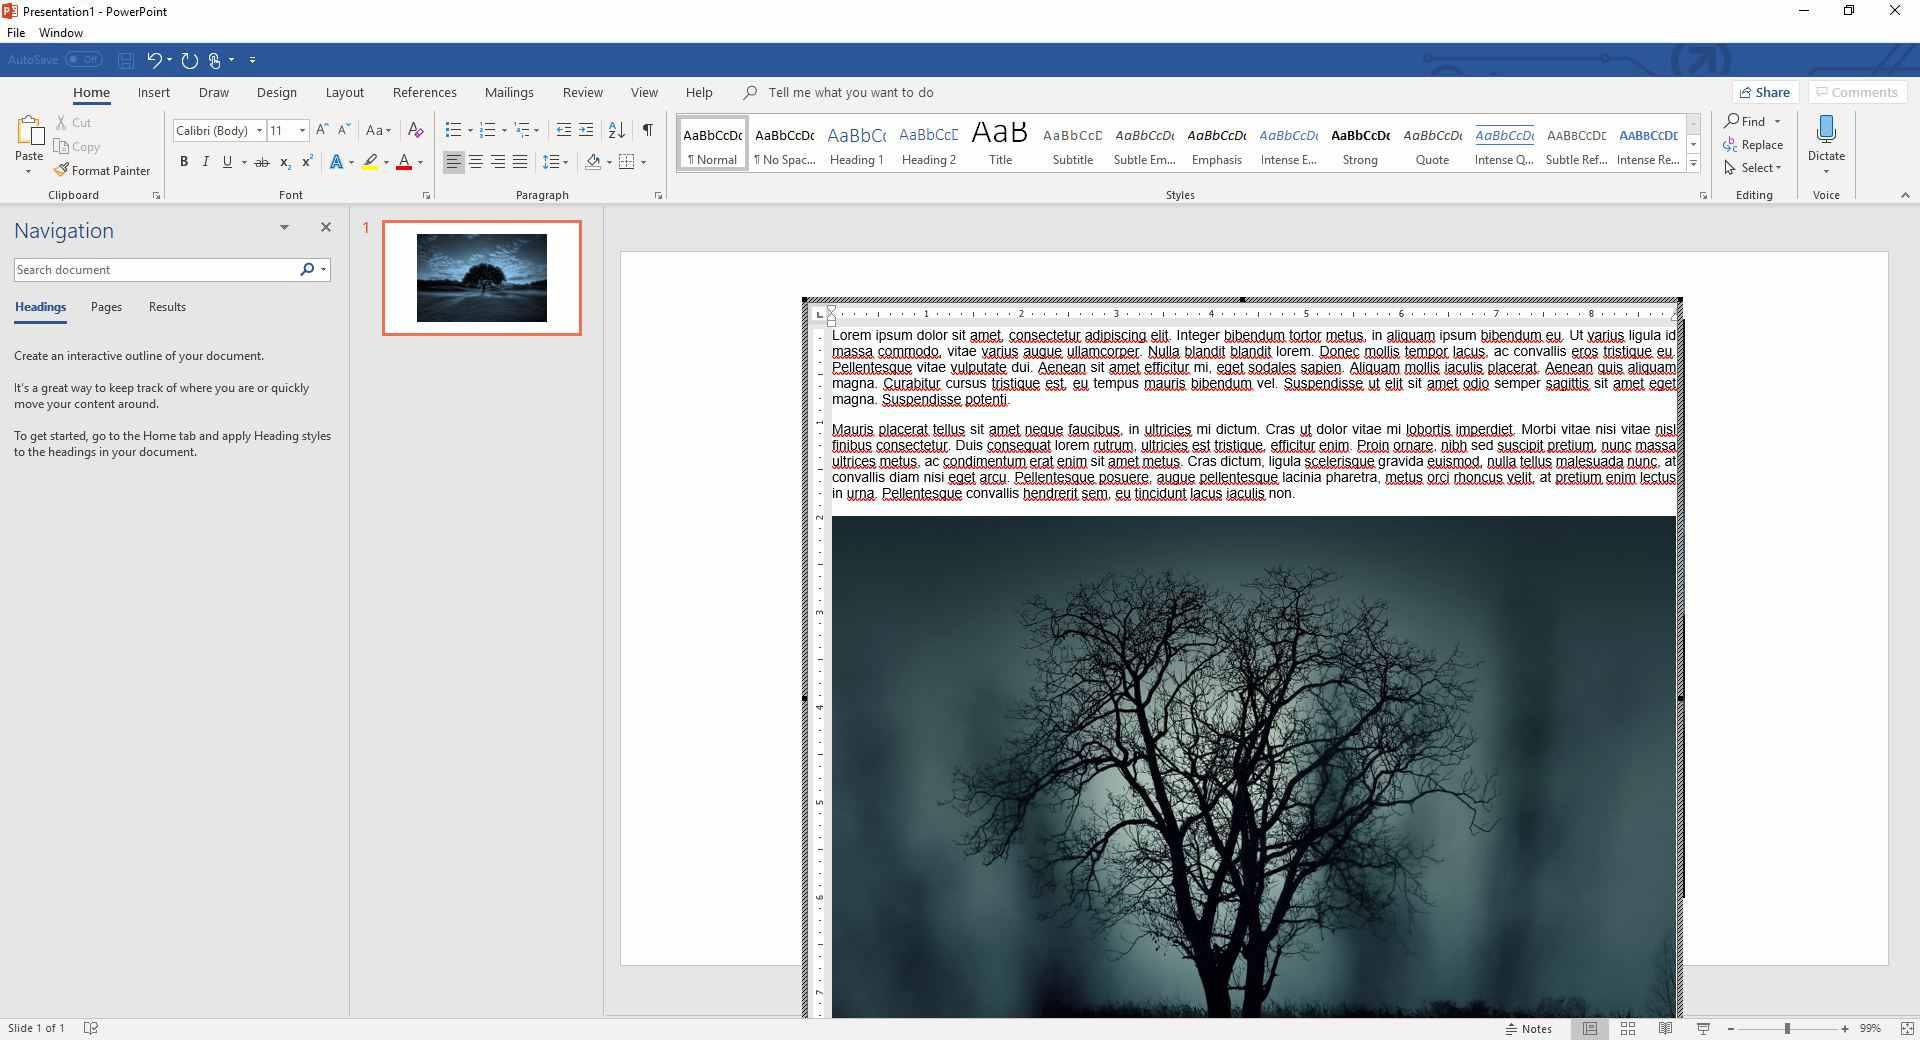 Word window in PowerPoint